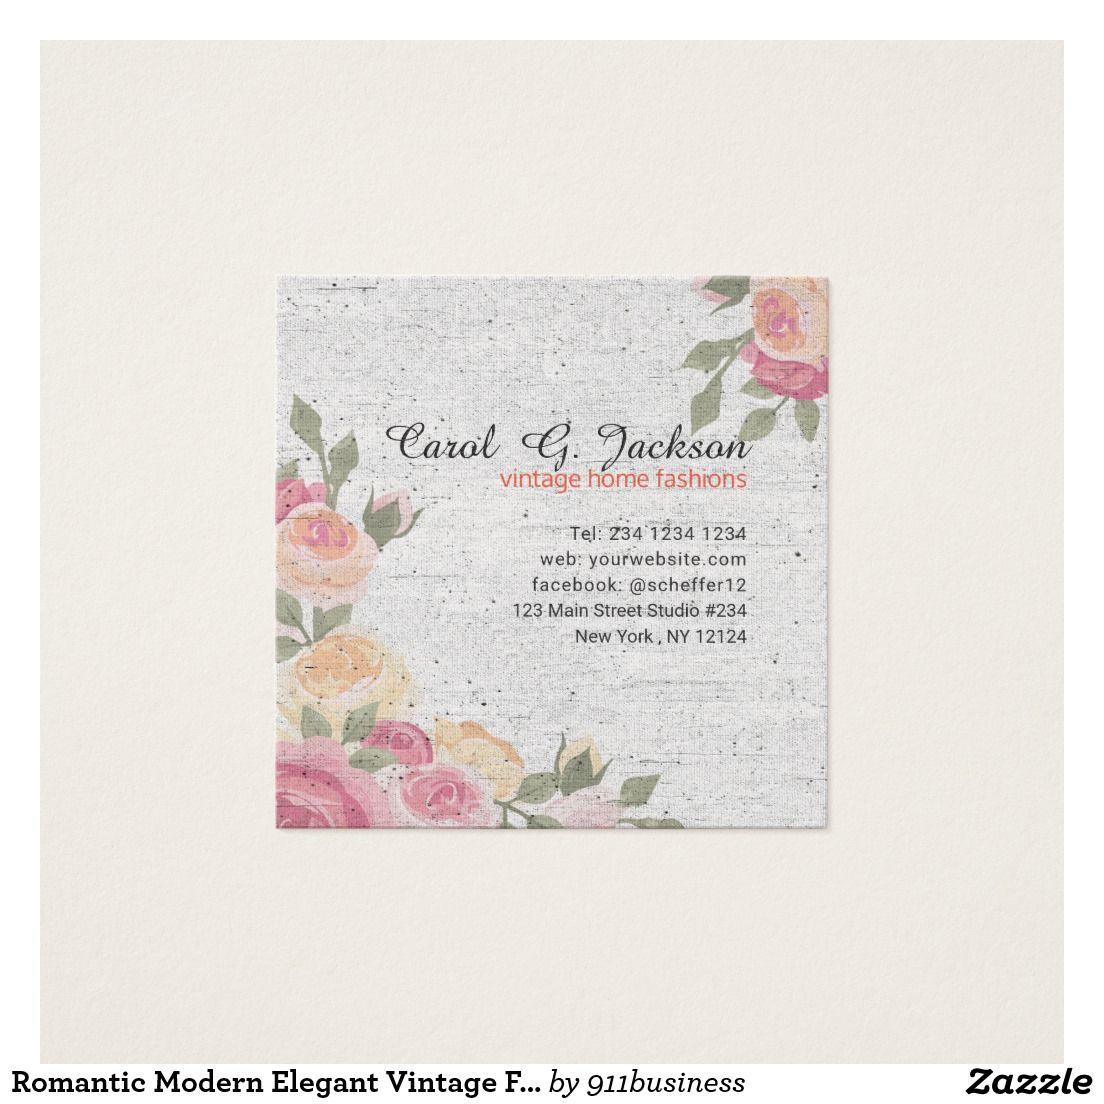 Romantic Modern Elegant Vintage Floral business card design. A ...